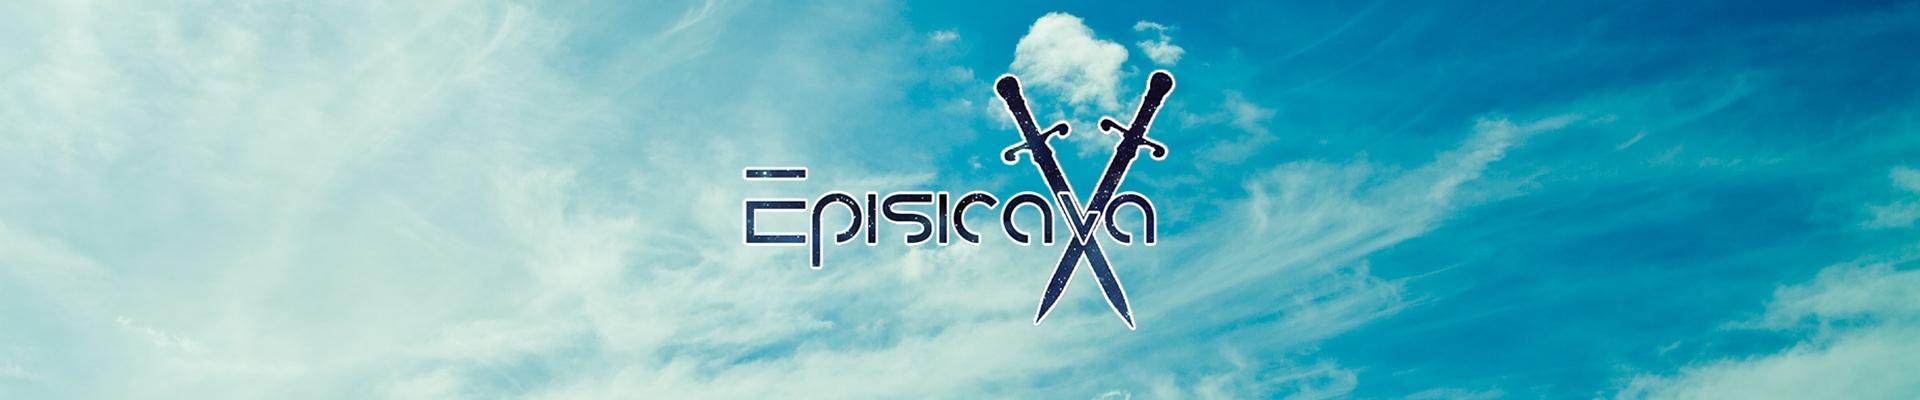 Episicava [Demo]